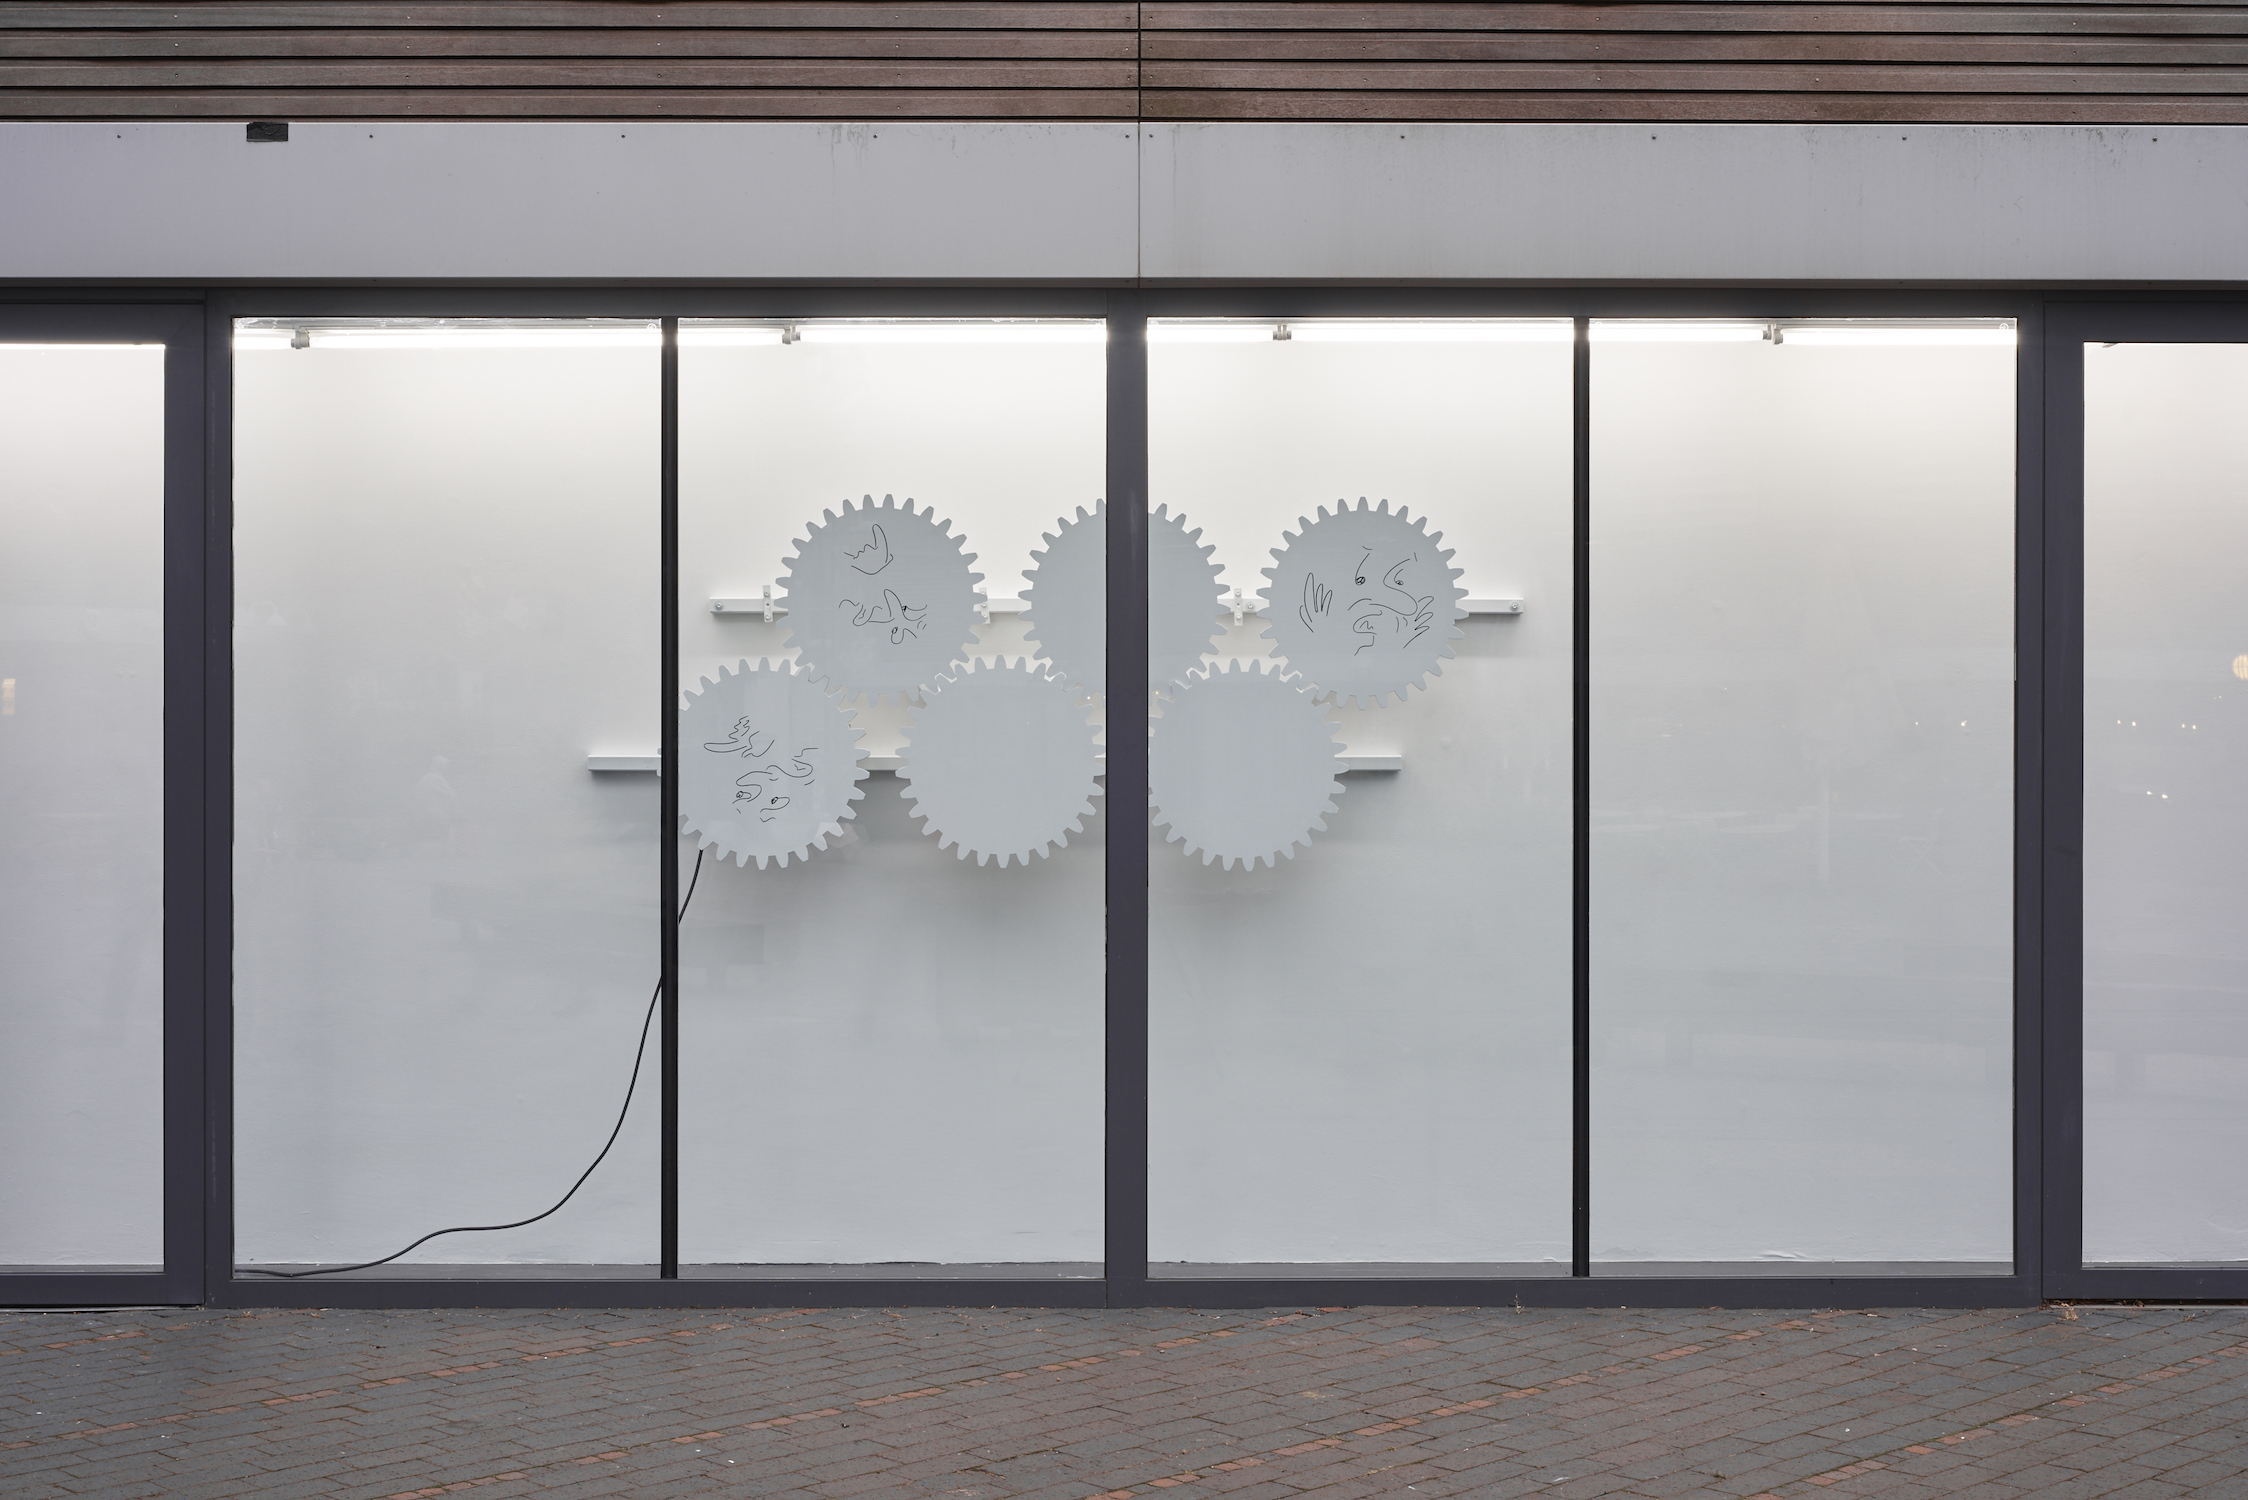 Sam Porritt, Grist To The Mill, 2016. Installation view. VITRINE, London. Photographer Jonathan Bassett.